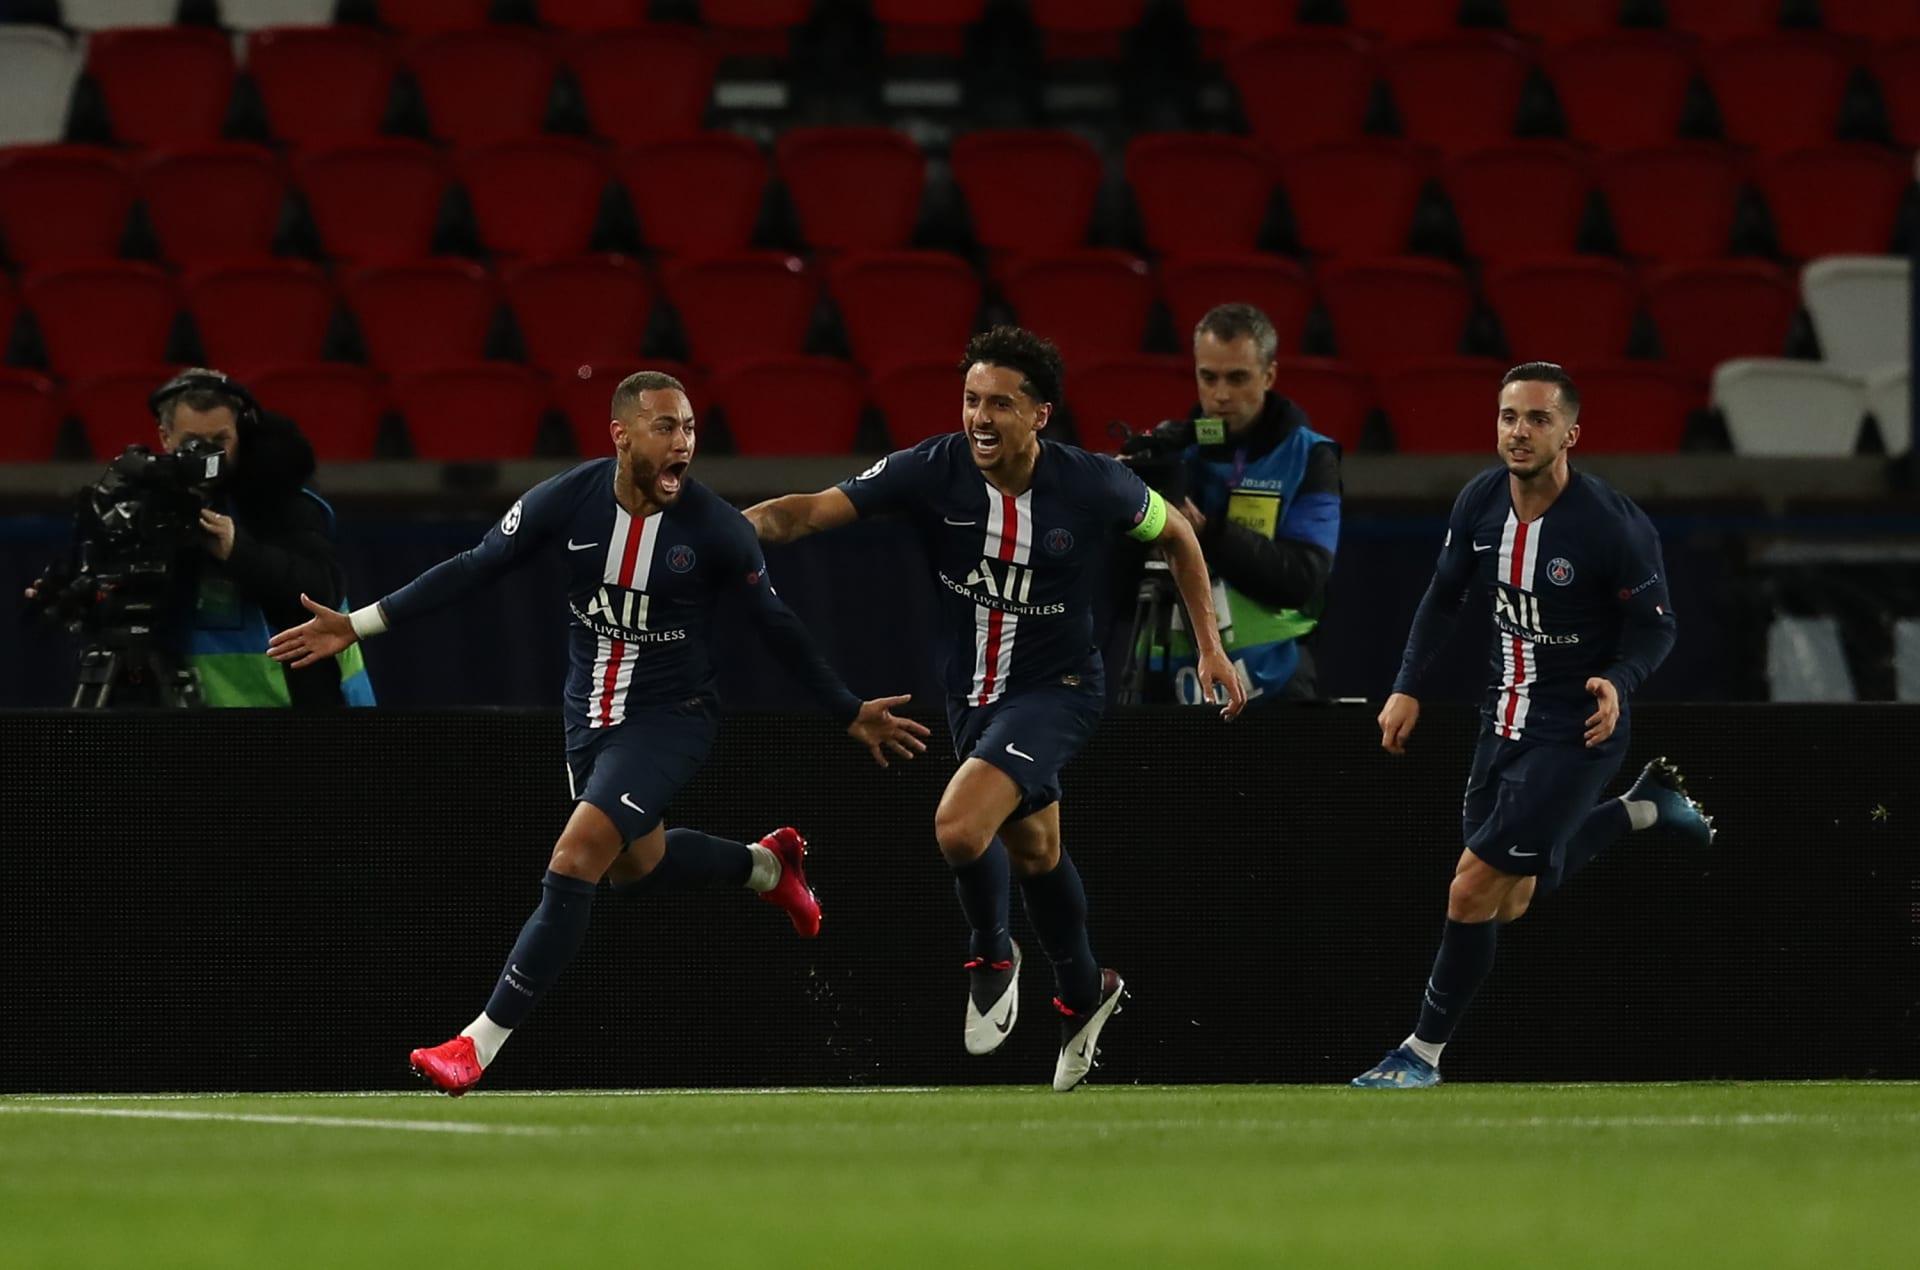 إنهاء الدوري الفرنسي رسميًا.. واعتماد باريس سان جيرمان بطلا